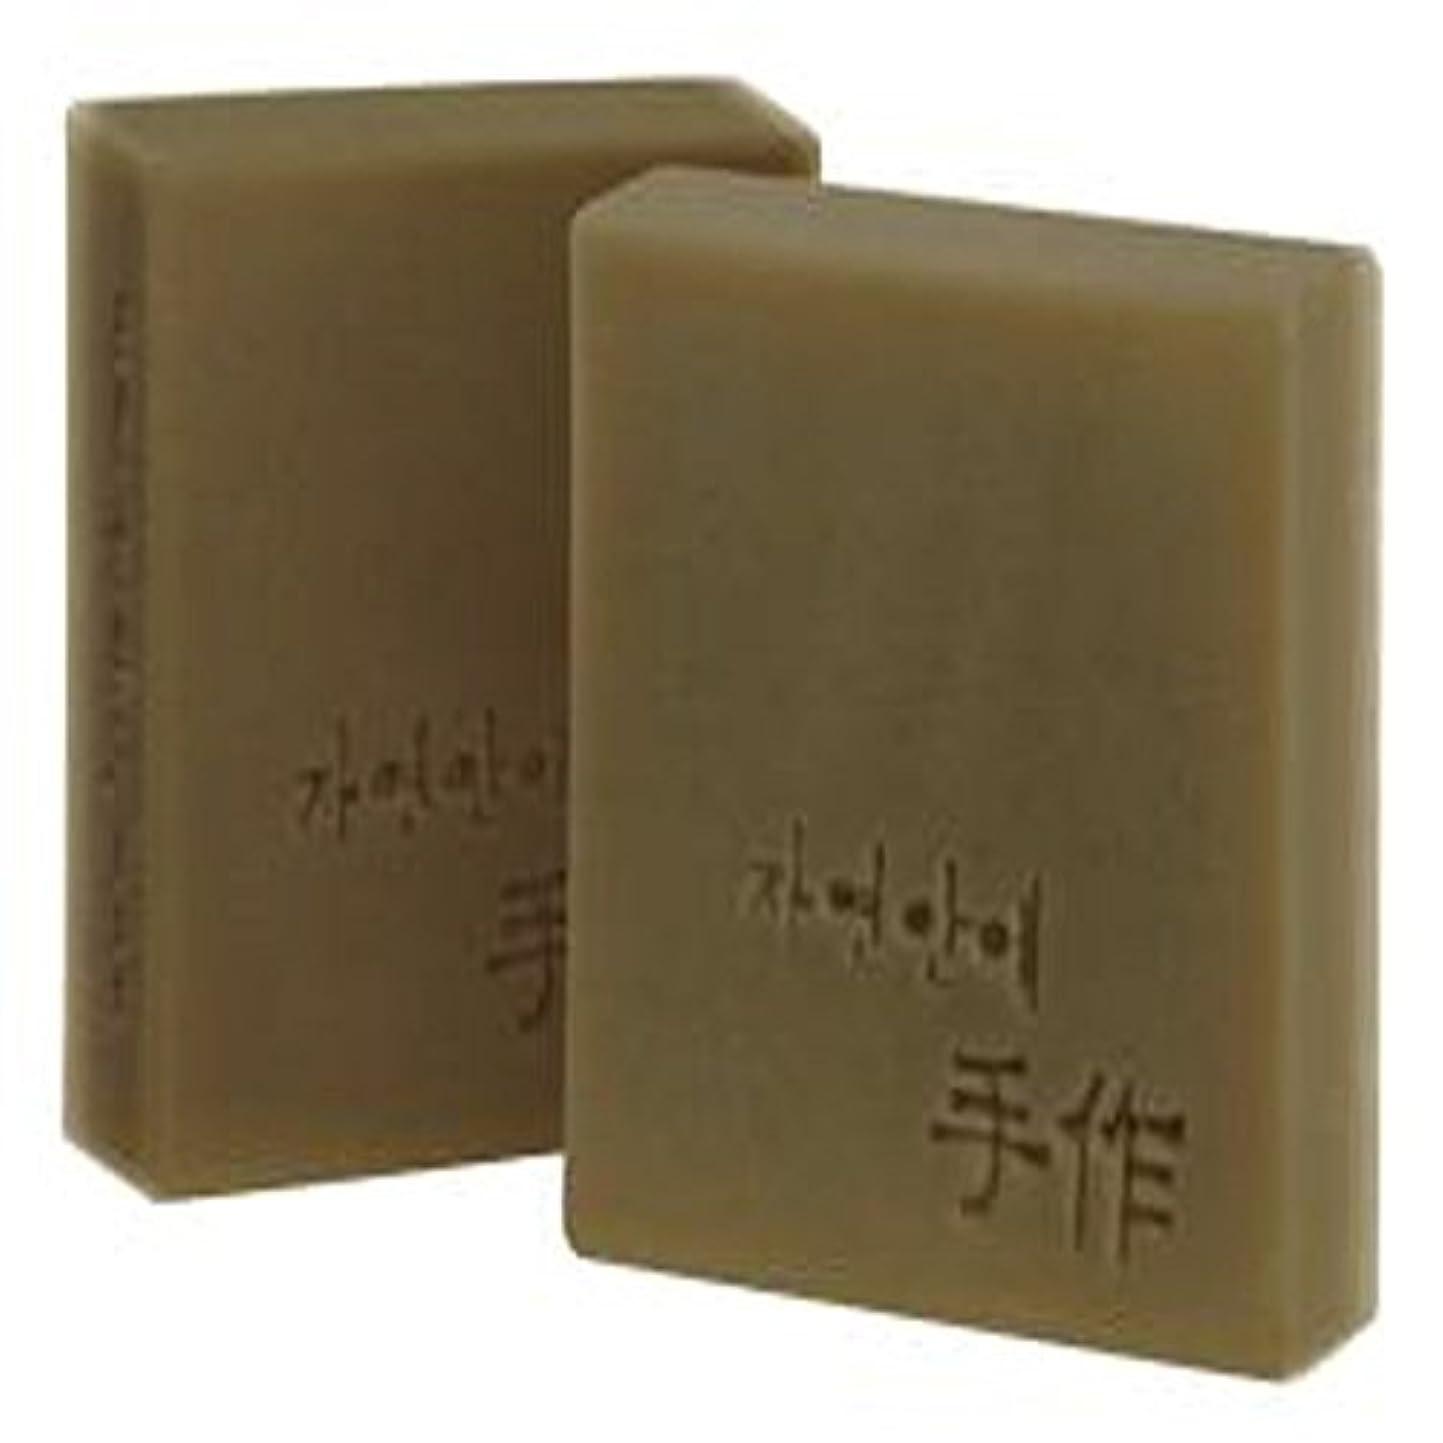 半球誰の作動するNatural organic 有機天然ソープ 固形 無添加 洗顔せっけんクレンジング 石鹸 [並行輸入品] (カボチャ)